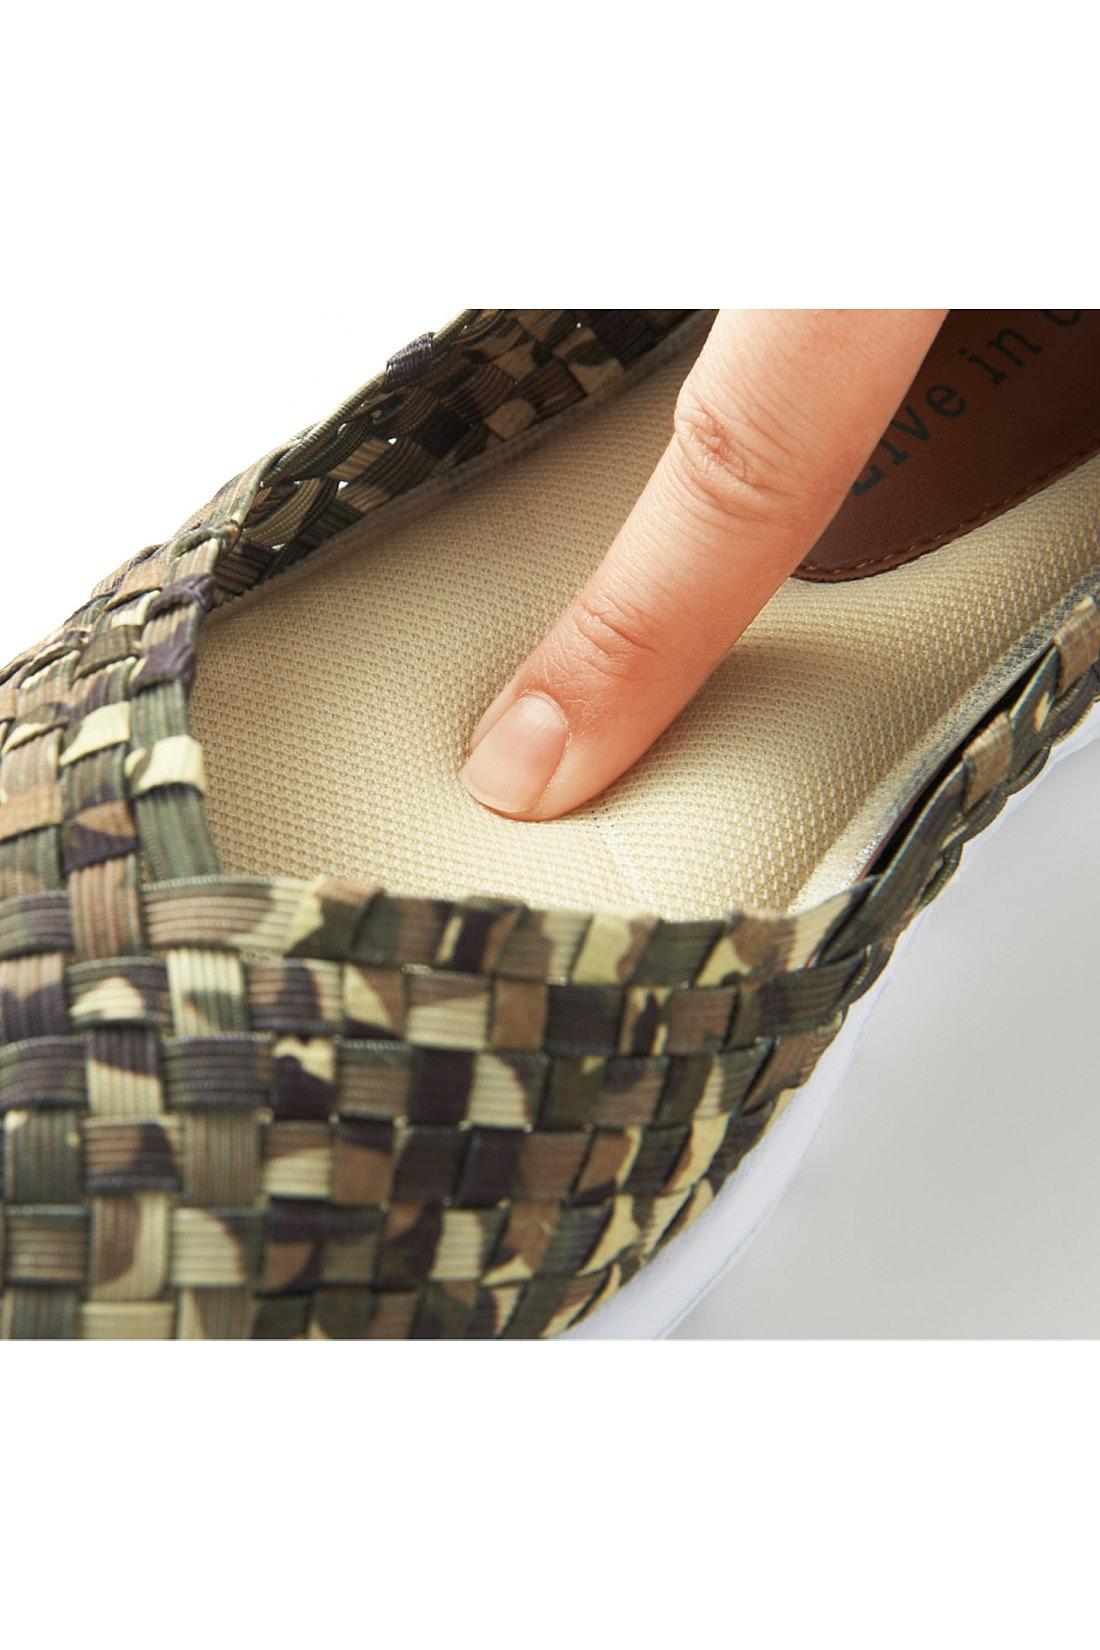 素足で履いても気持ちいい!ふかふかスポンジ入りのメッシュインソール&土踏まずに沿うデザイン。※お届けするカラーとは異なります。